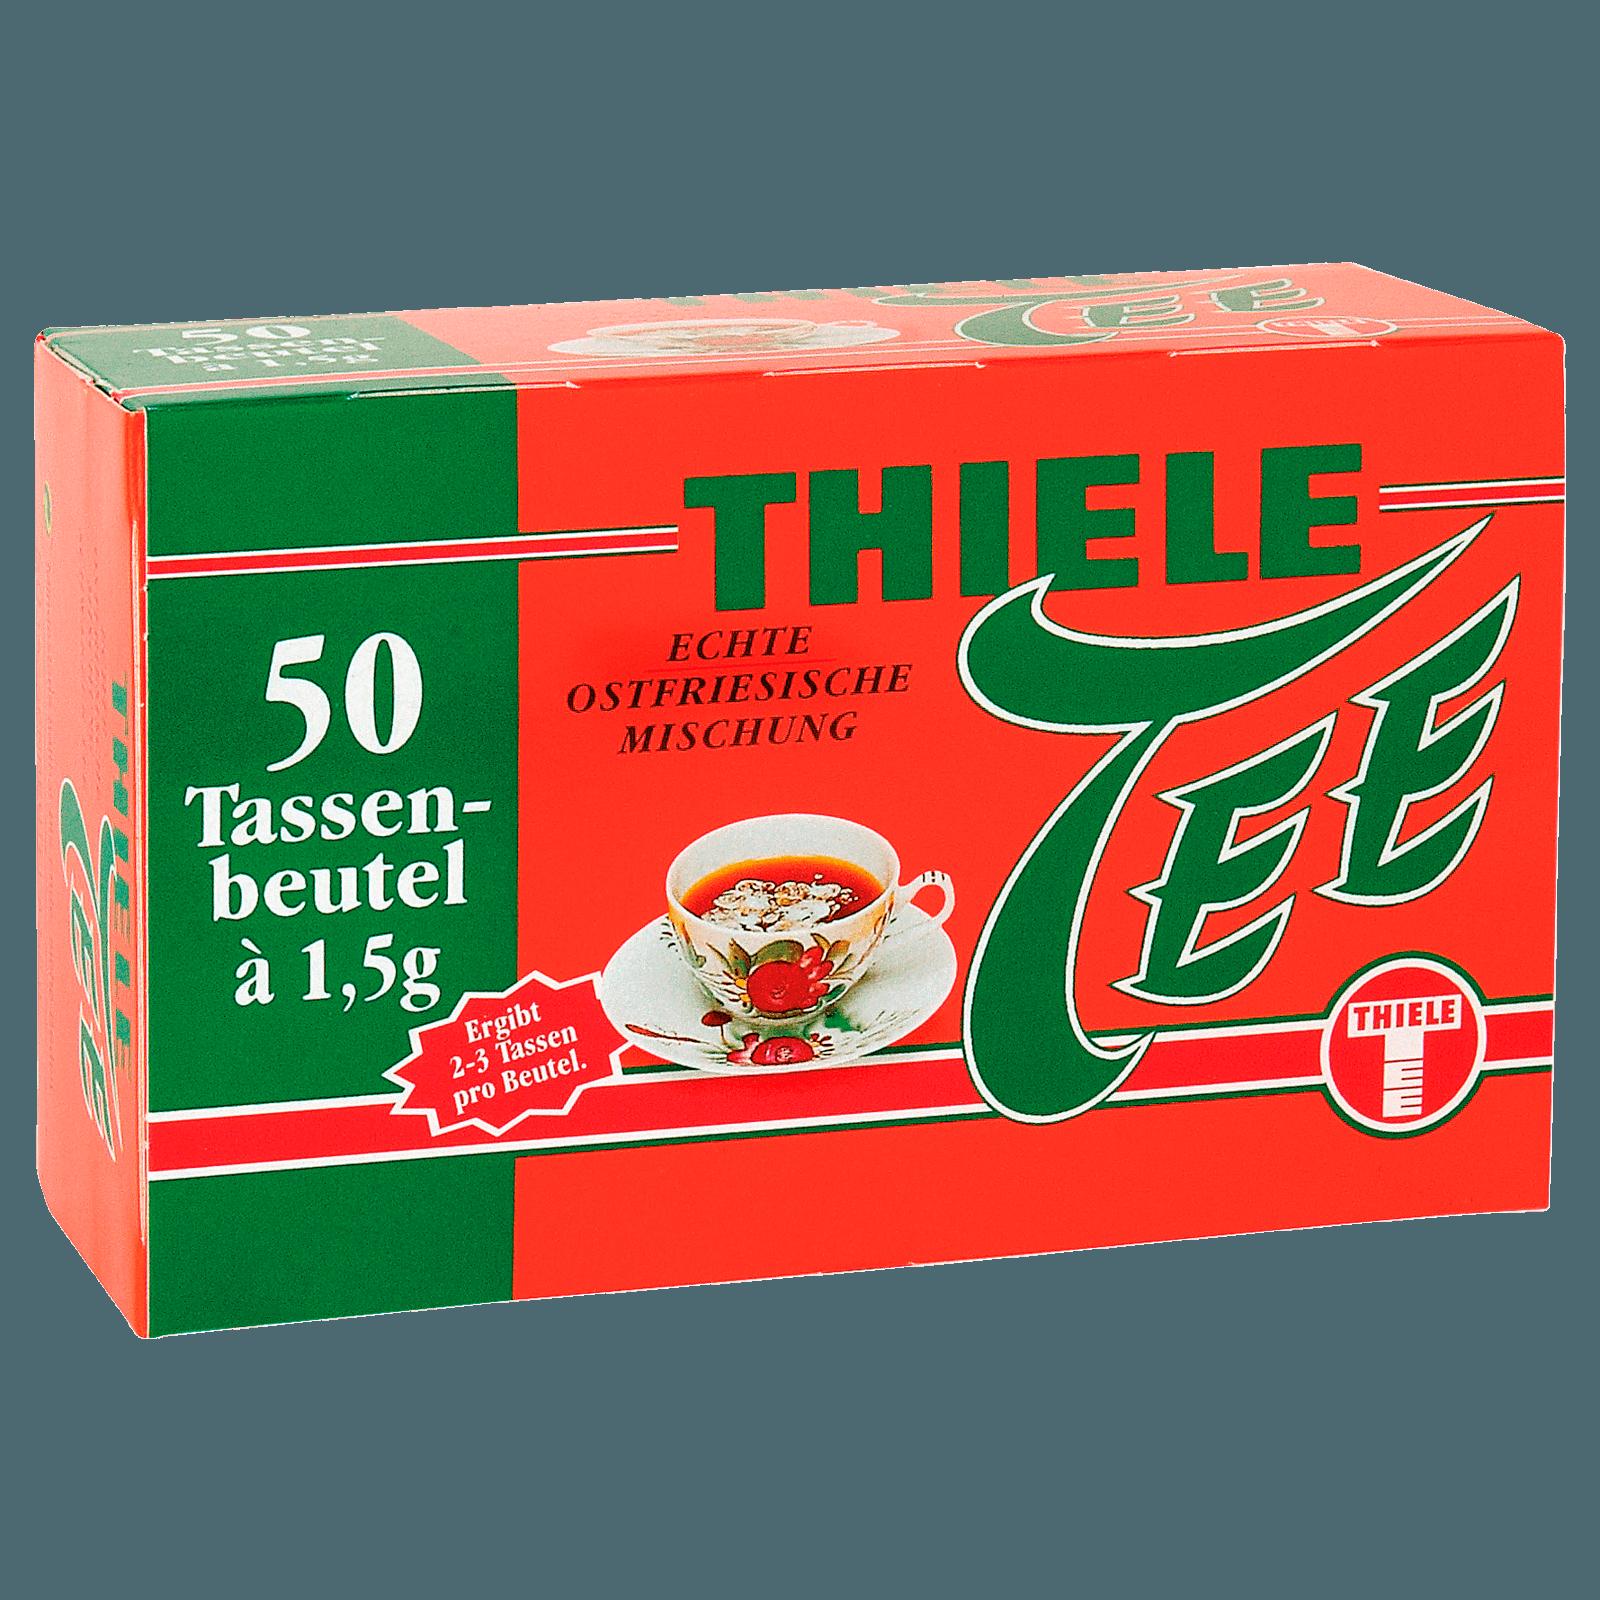 Thiele Ostfriesen-Tee 75g